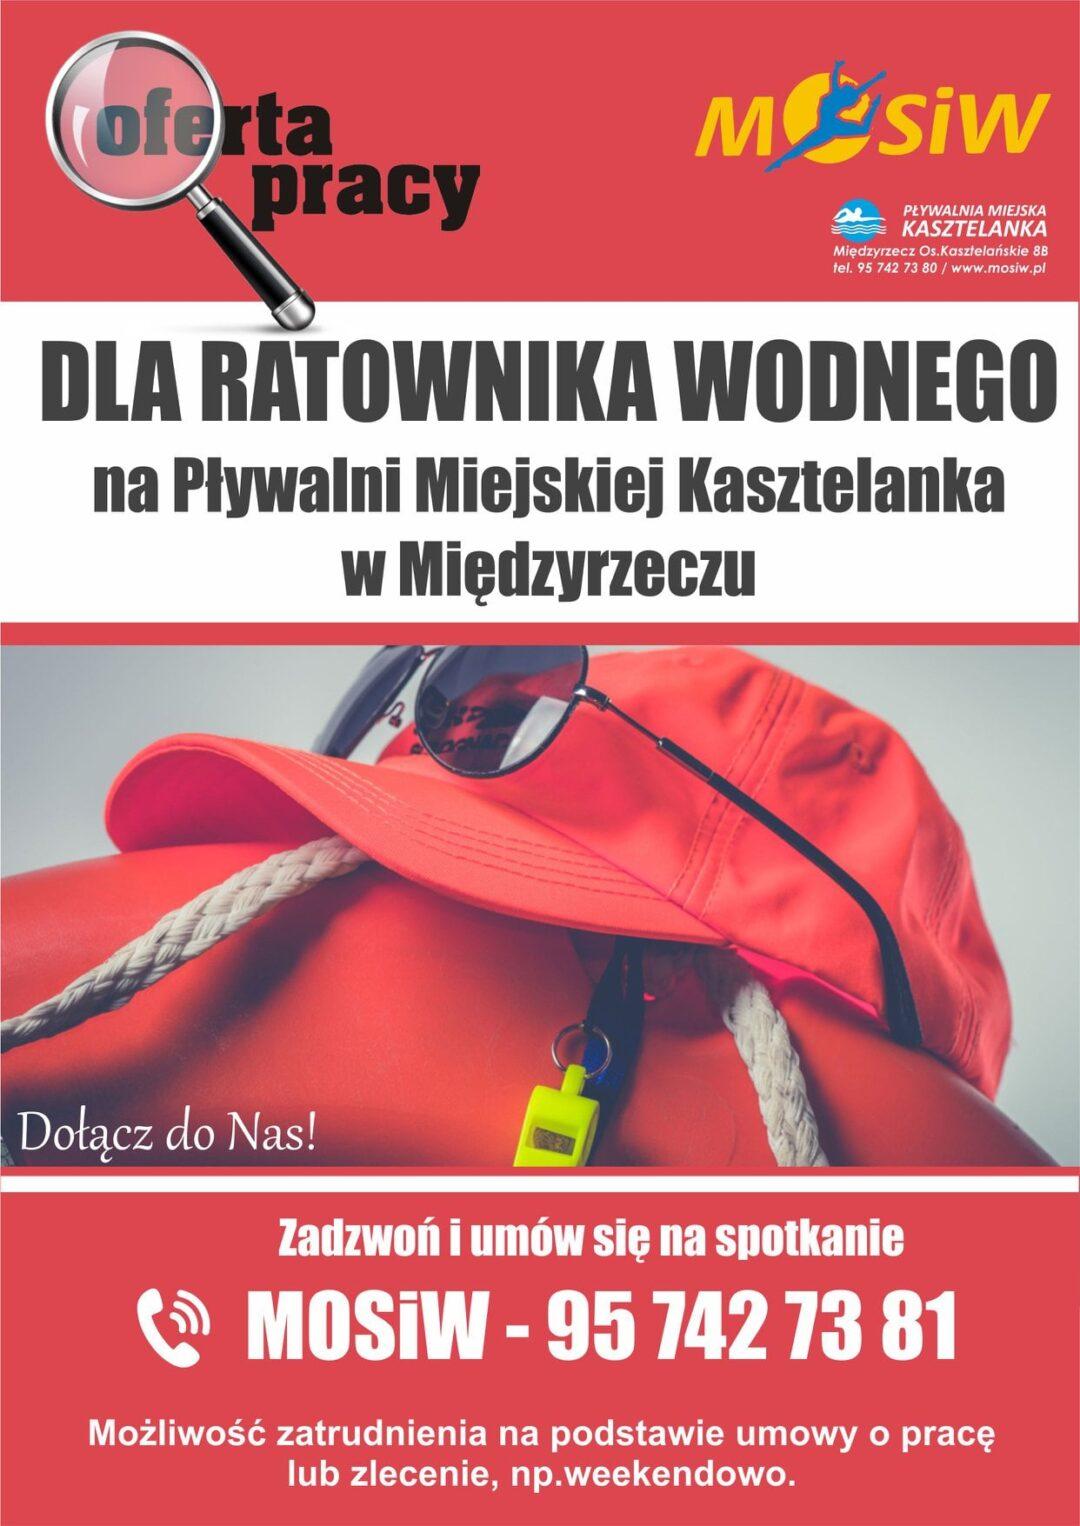 Plakat z ogłoszeniem - Praca dla ratownika